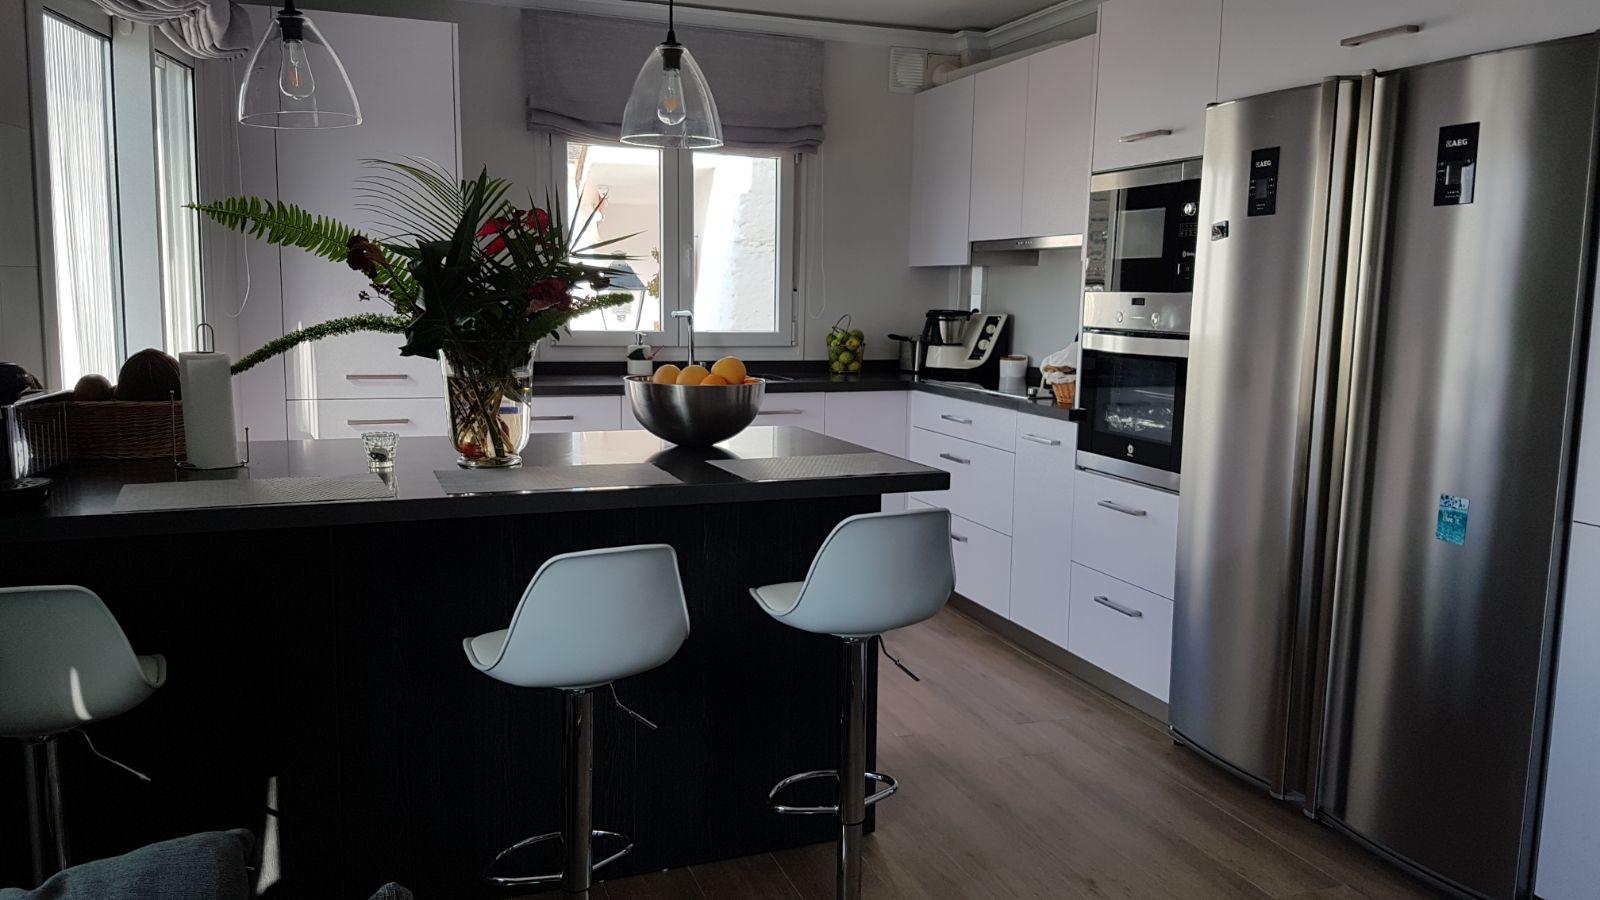 Idecocina dise o e instalaci n de cocinas en m laga for Diseno de cocina online